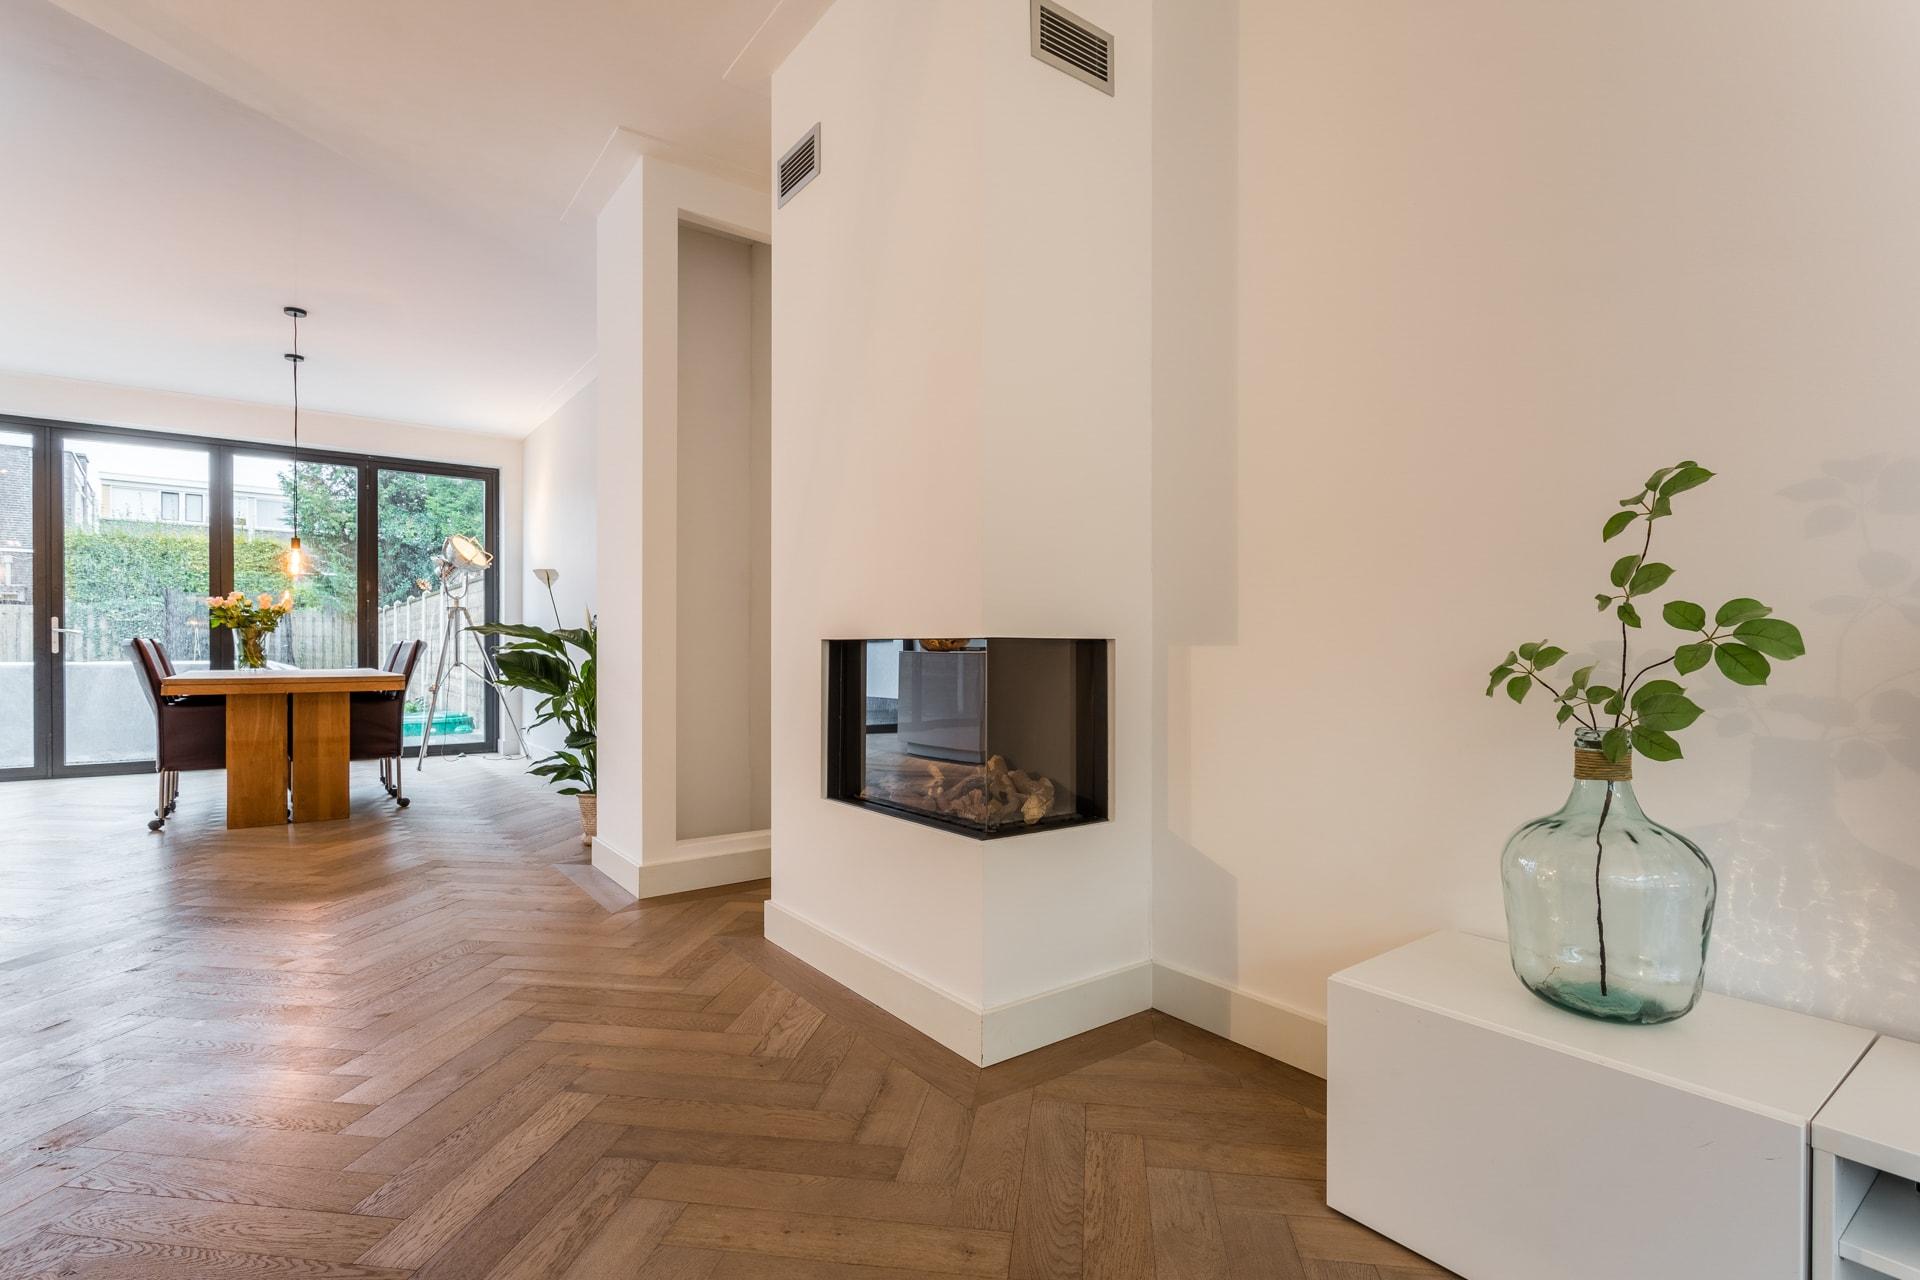 van-Os-architecten-verbouwing-2-onder-1-kapper-Valkenierslaan-Breda-moderne-ensuite